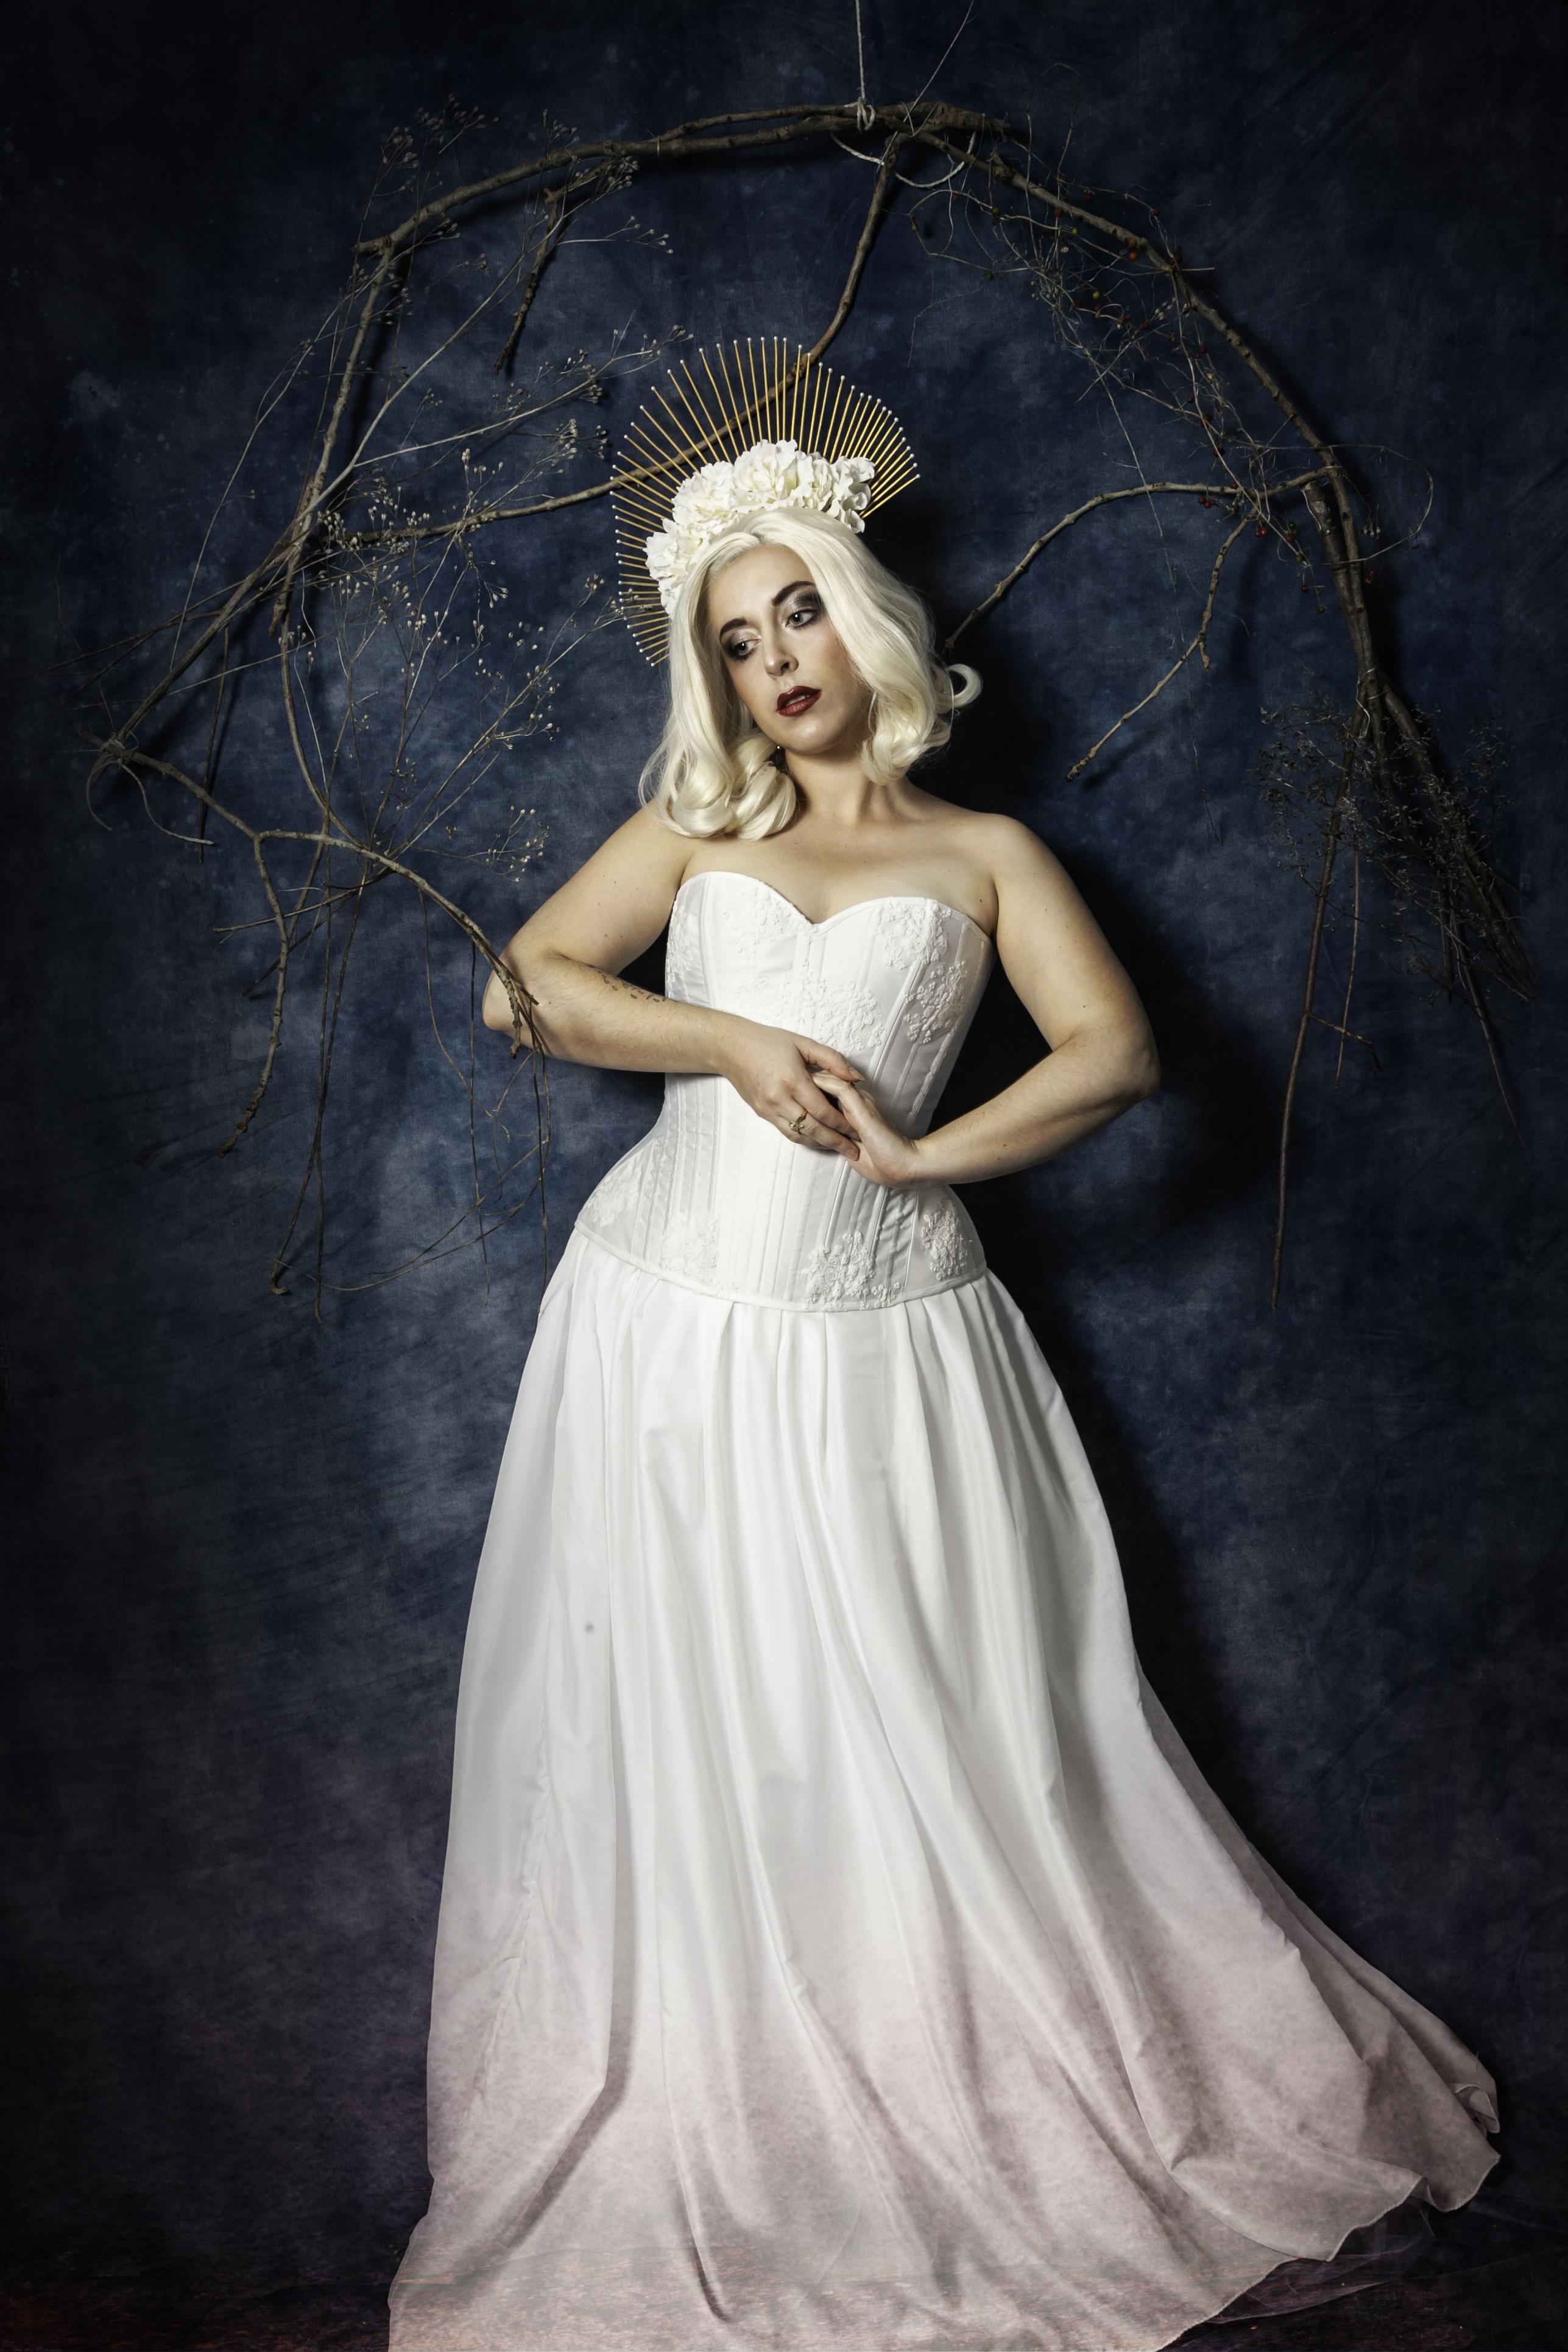 Corset blanc et dentelle, coiffe dorée, fleurs et perles blanches.